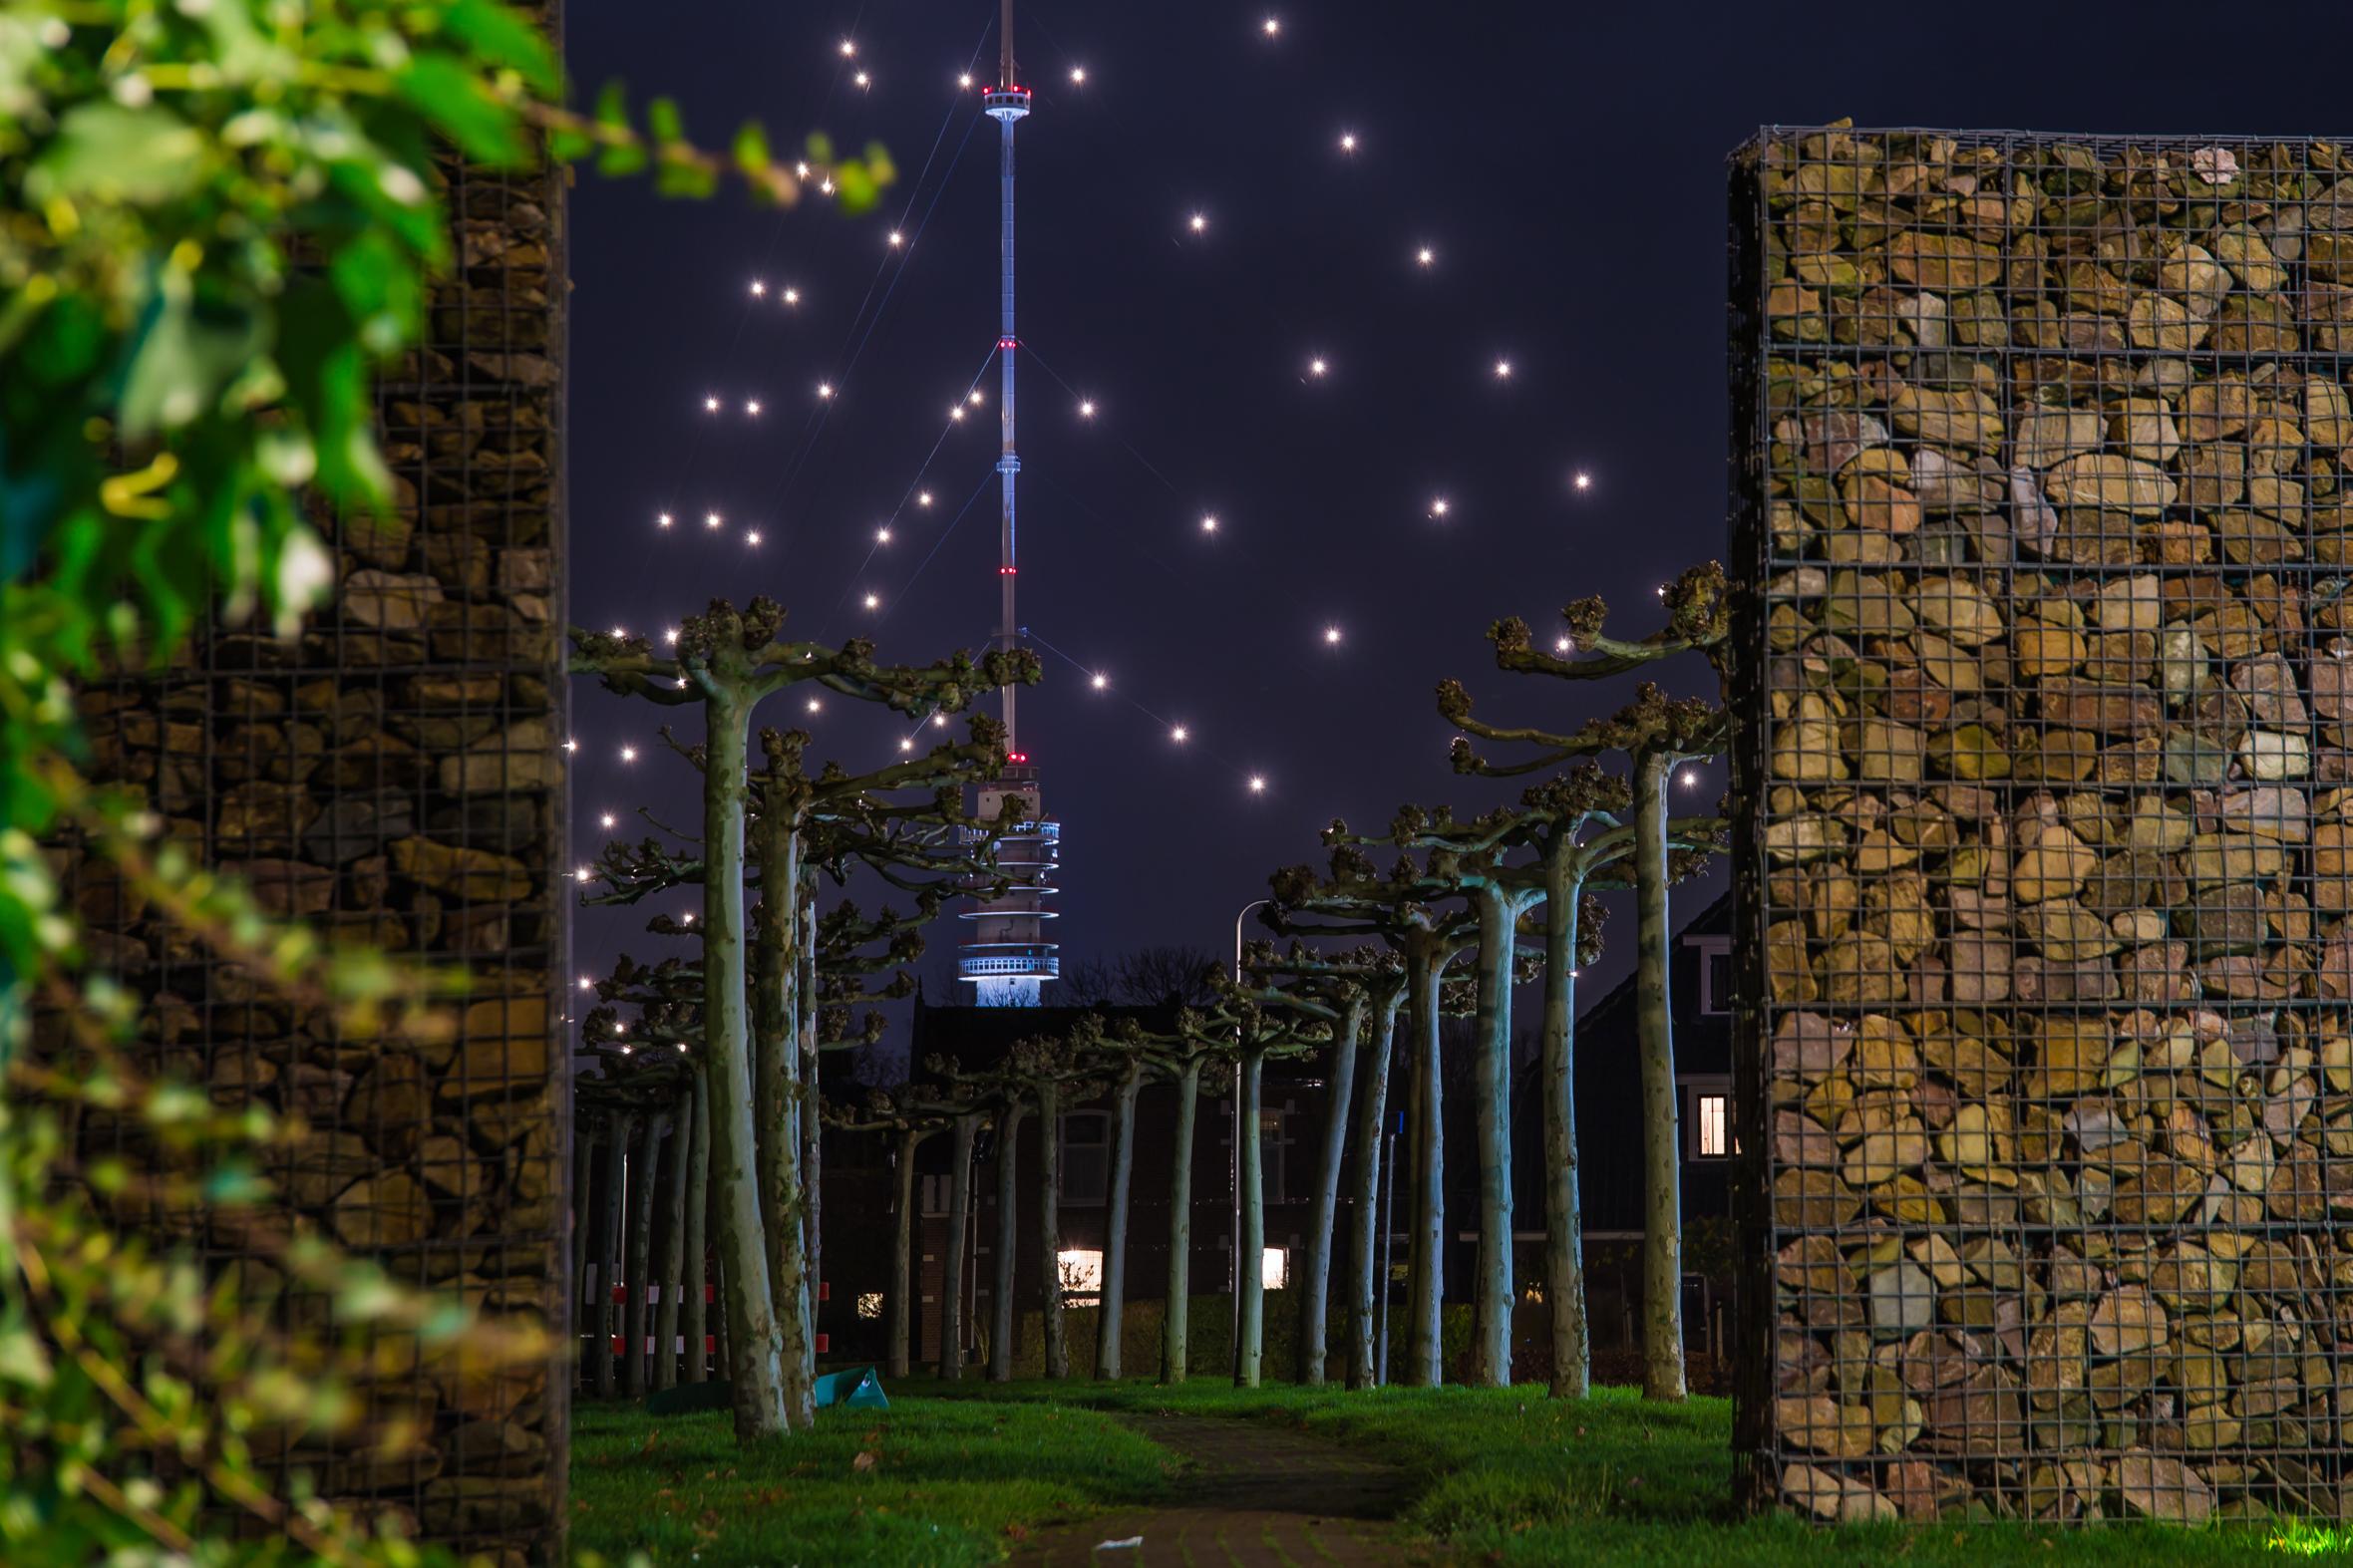 Nummer 4 Fotowedstrijd IJsselstein 2019 - Marijke van Vliet- van Overbeek - Doorkijk